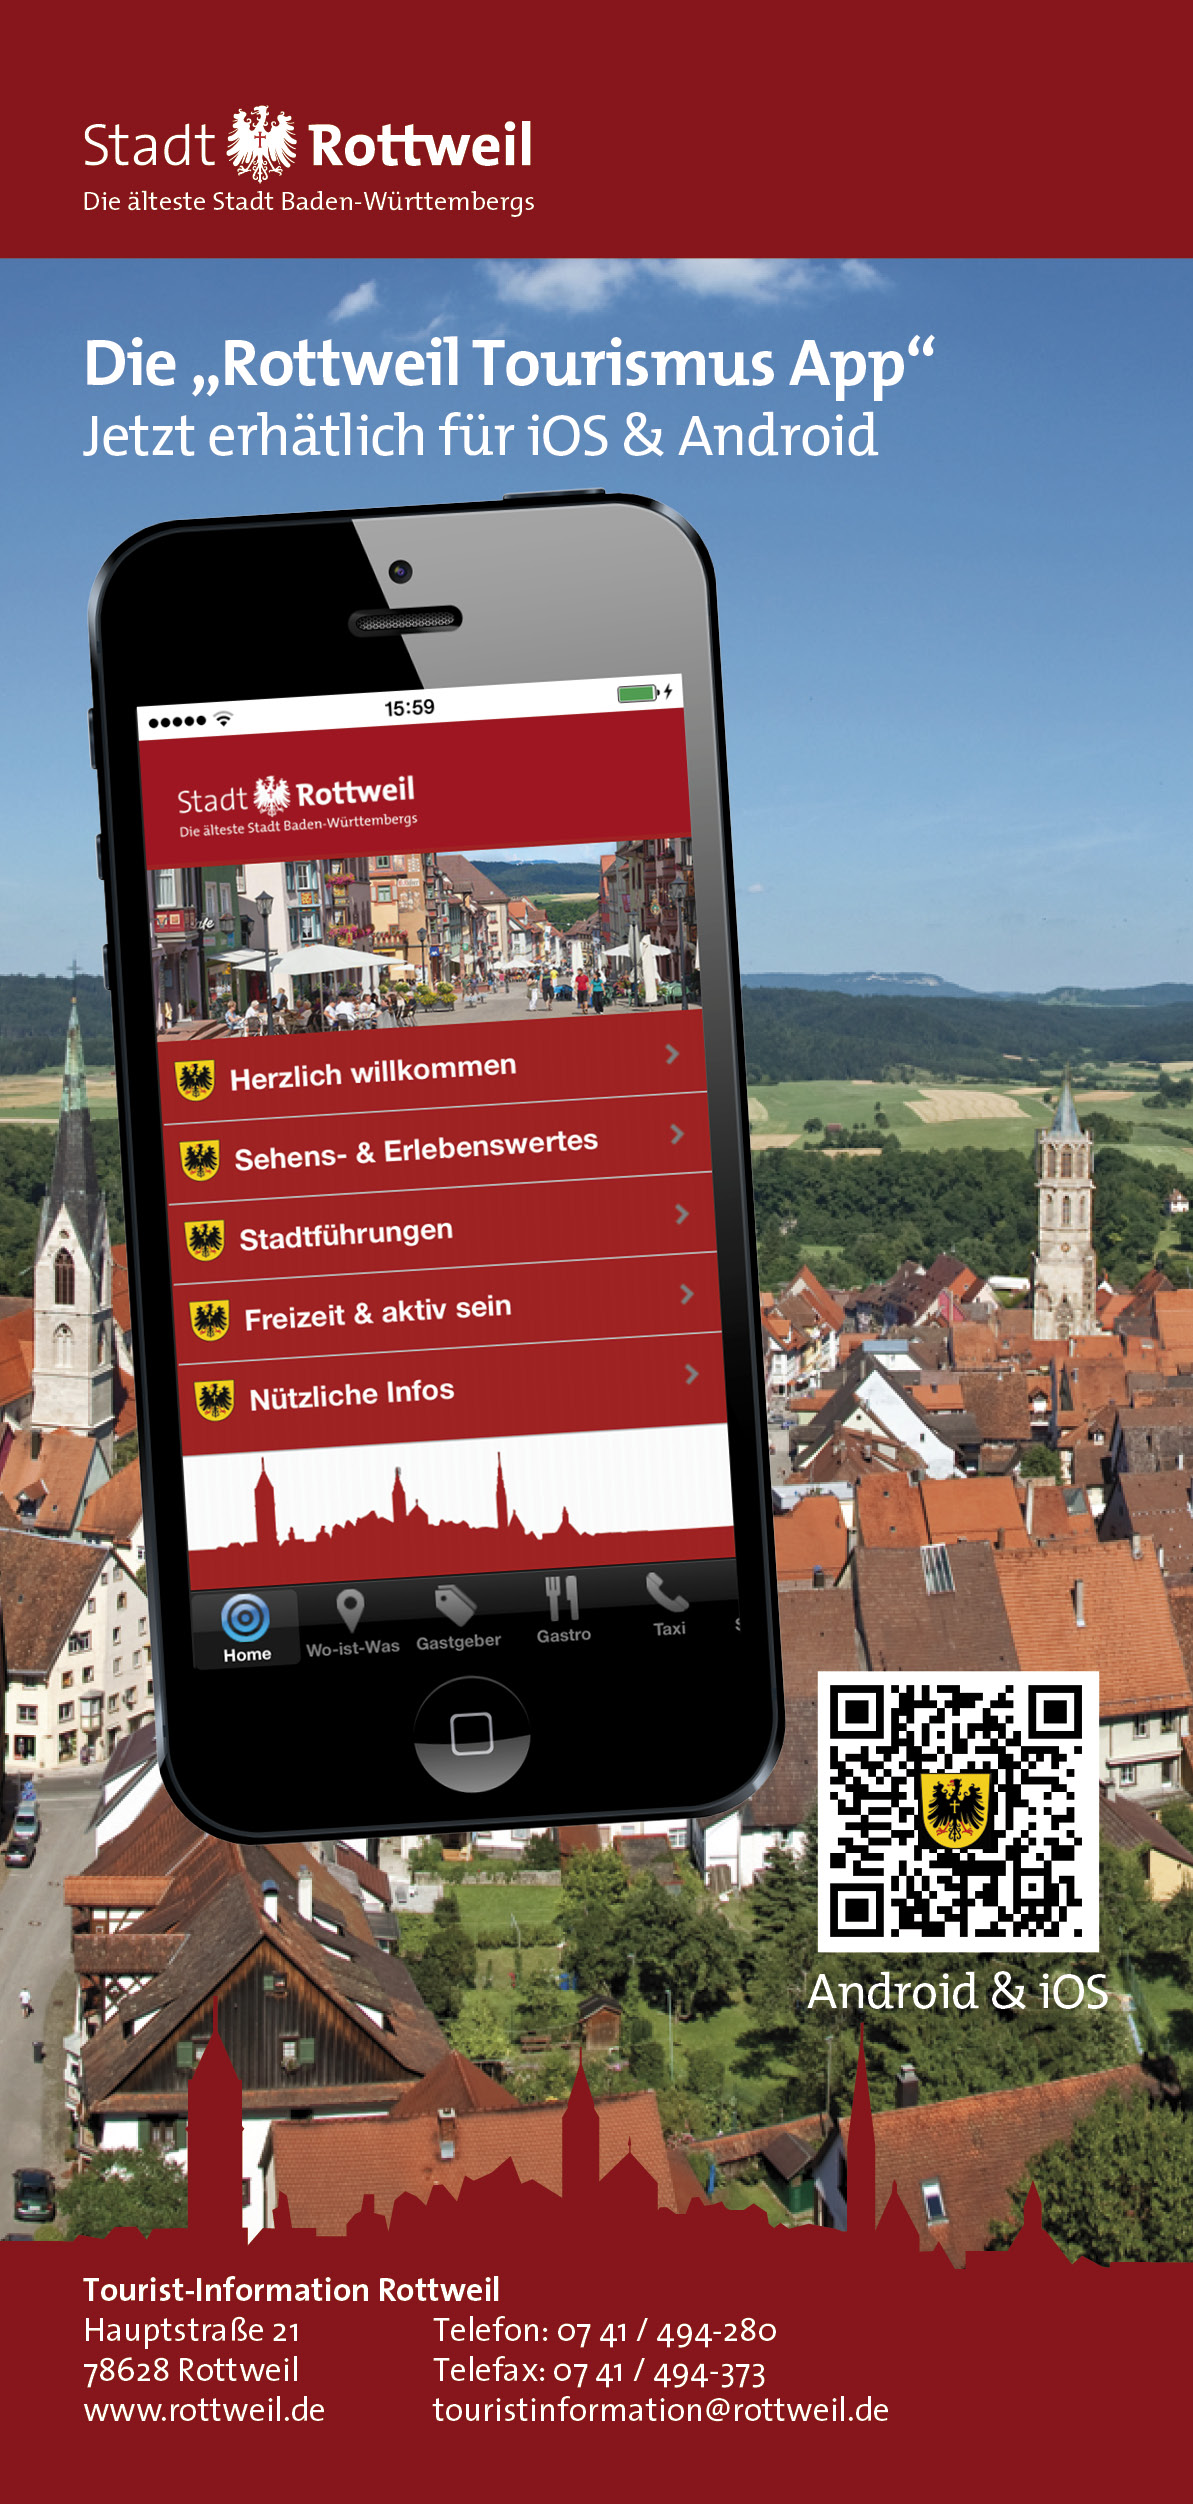 Tourismus App Rottweil